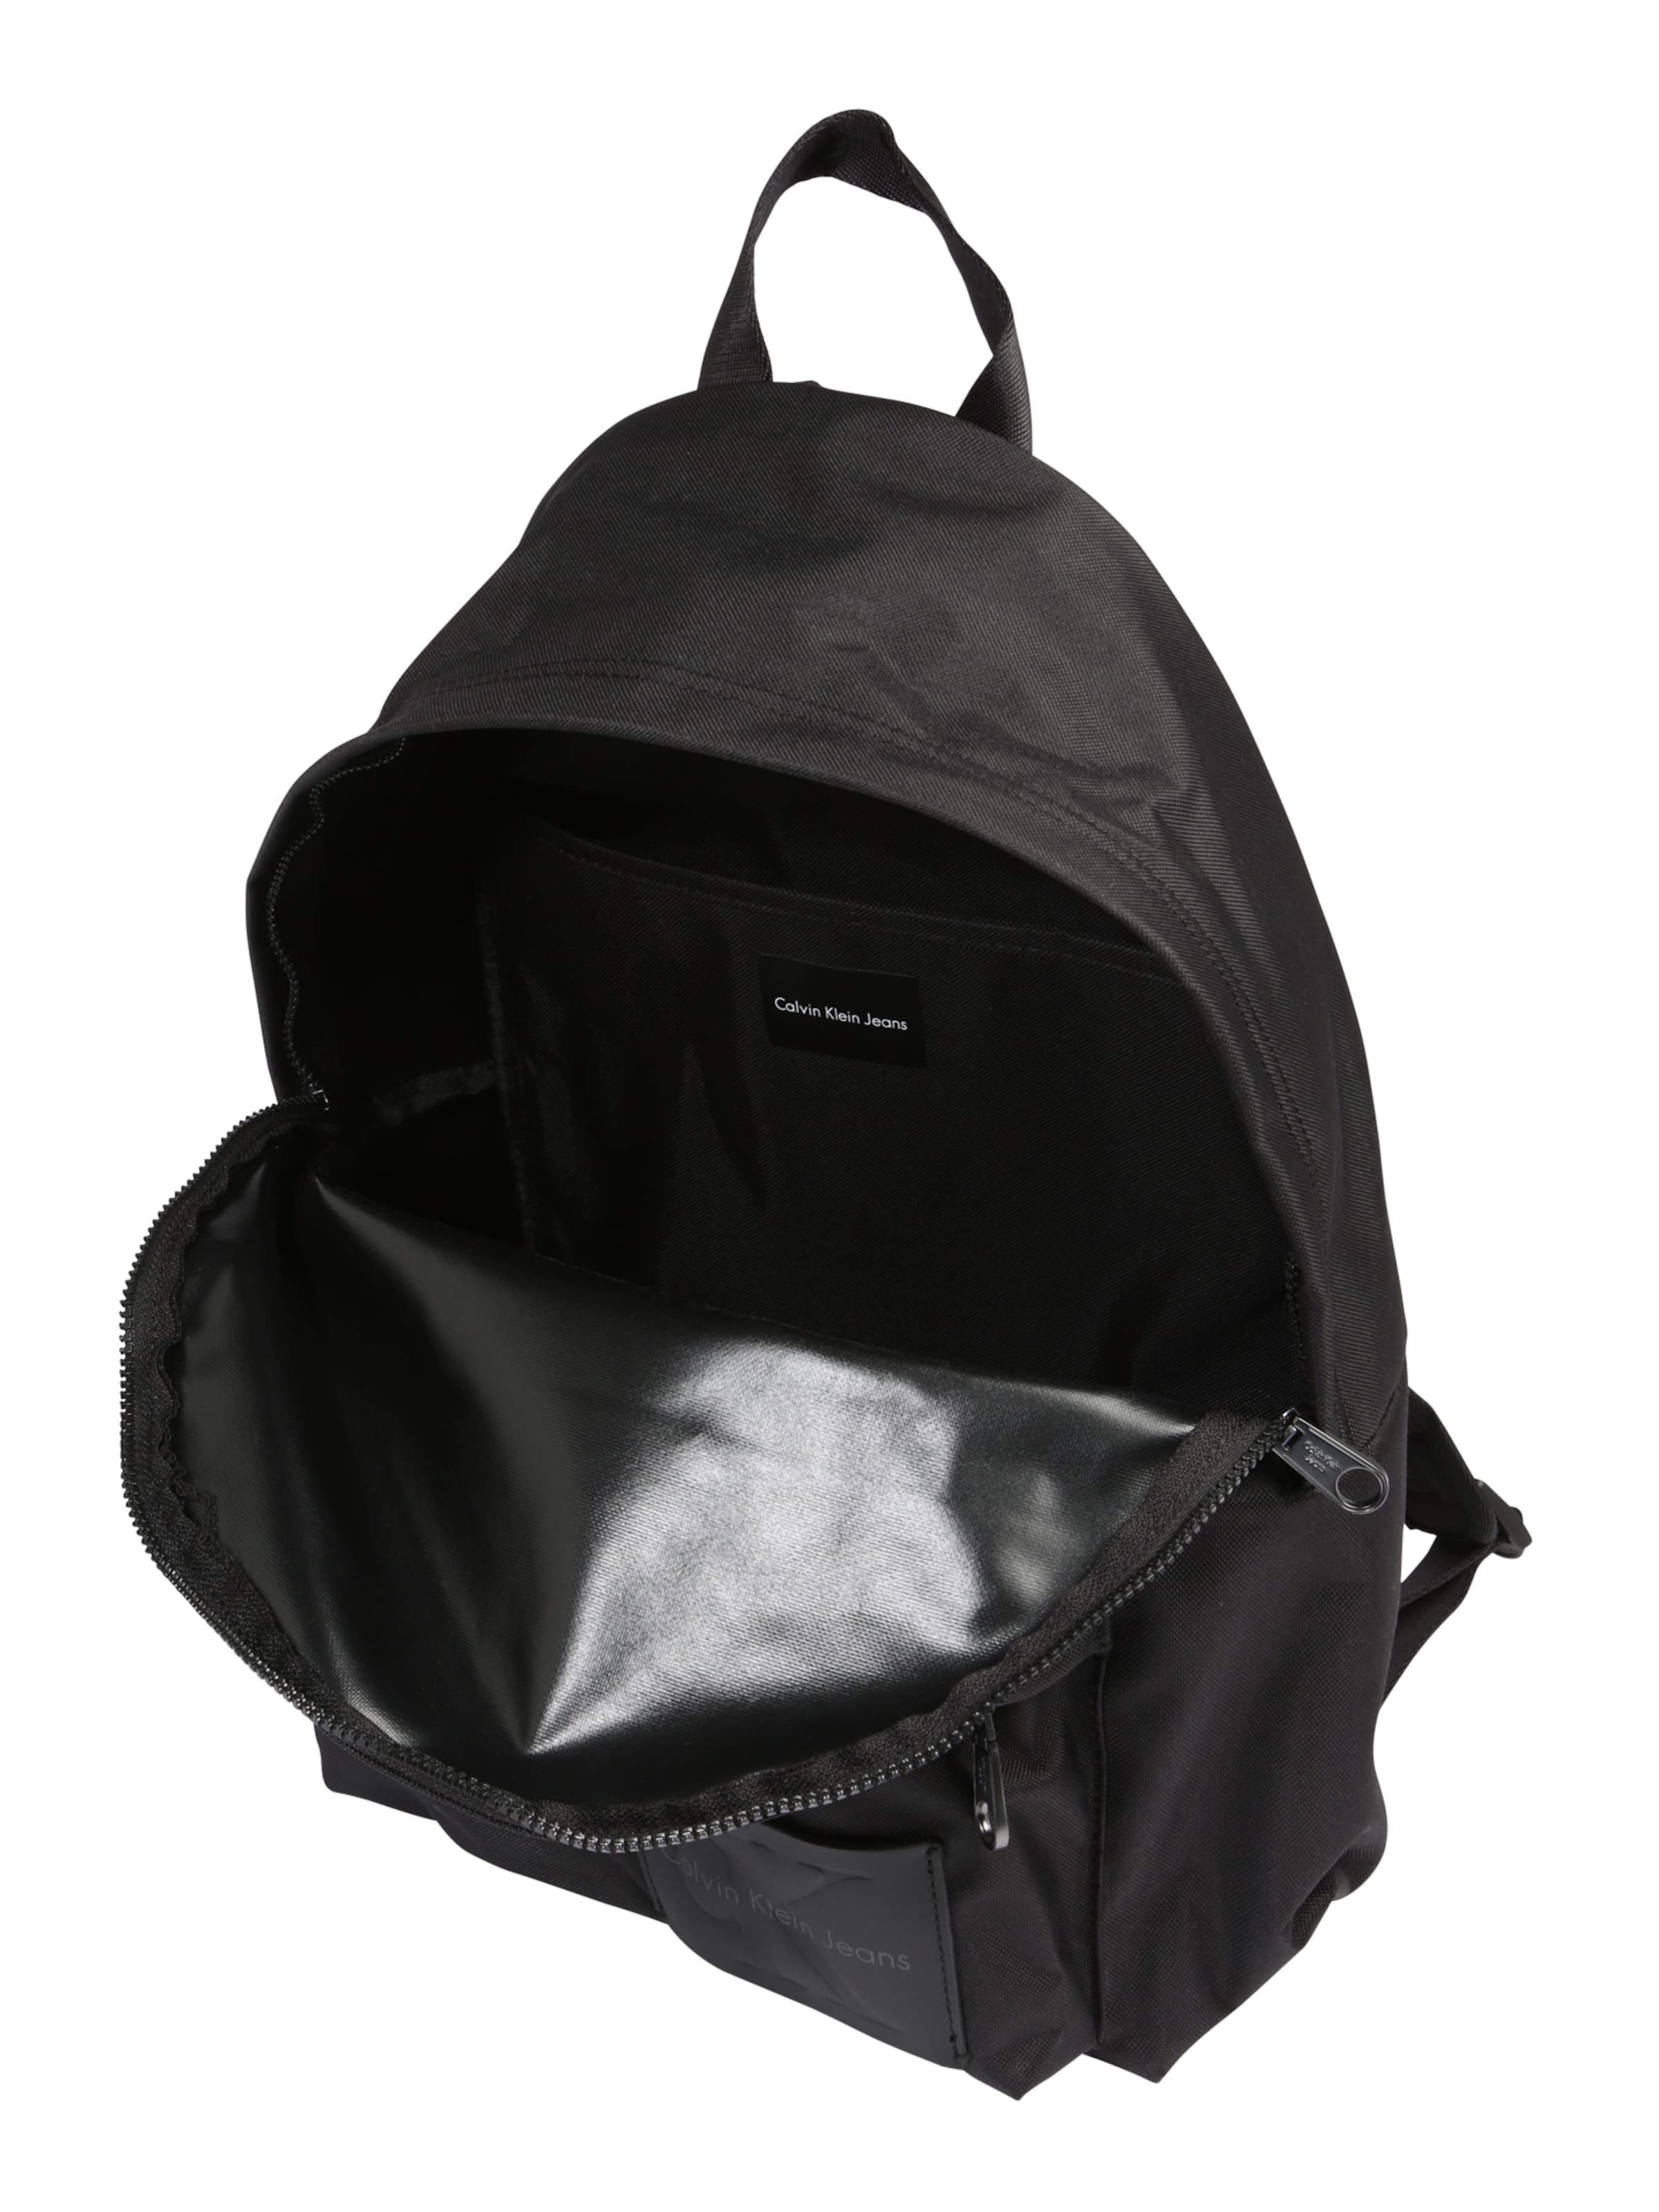 Unter 70 Dollar Calvin Klein Jeans Rucksack 'SPORT ESSENTIAL' Auf Dem Laufenden Spielraum Großer Verkauf AszsQ8b3